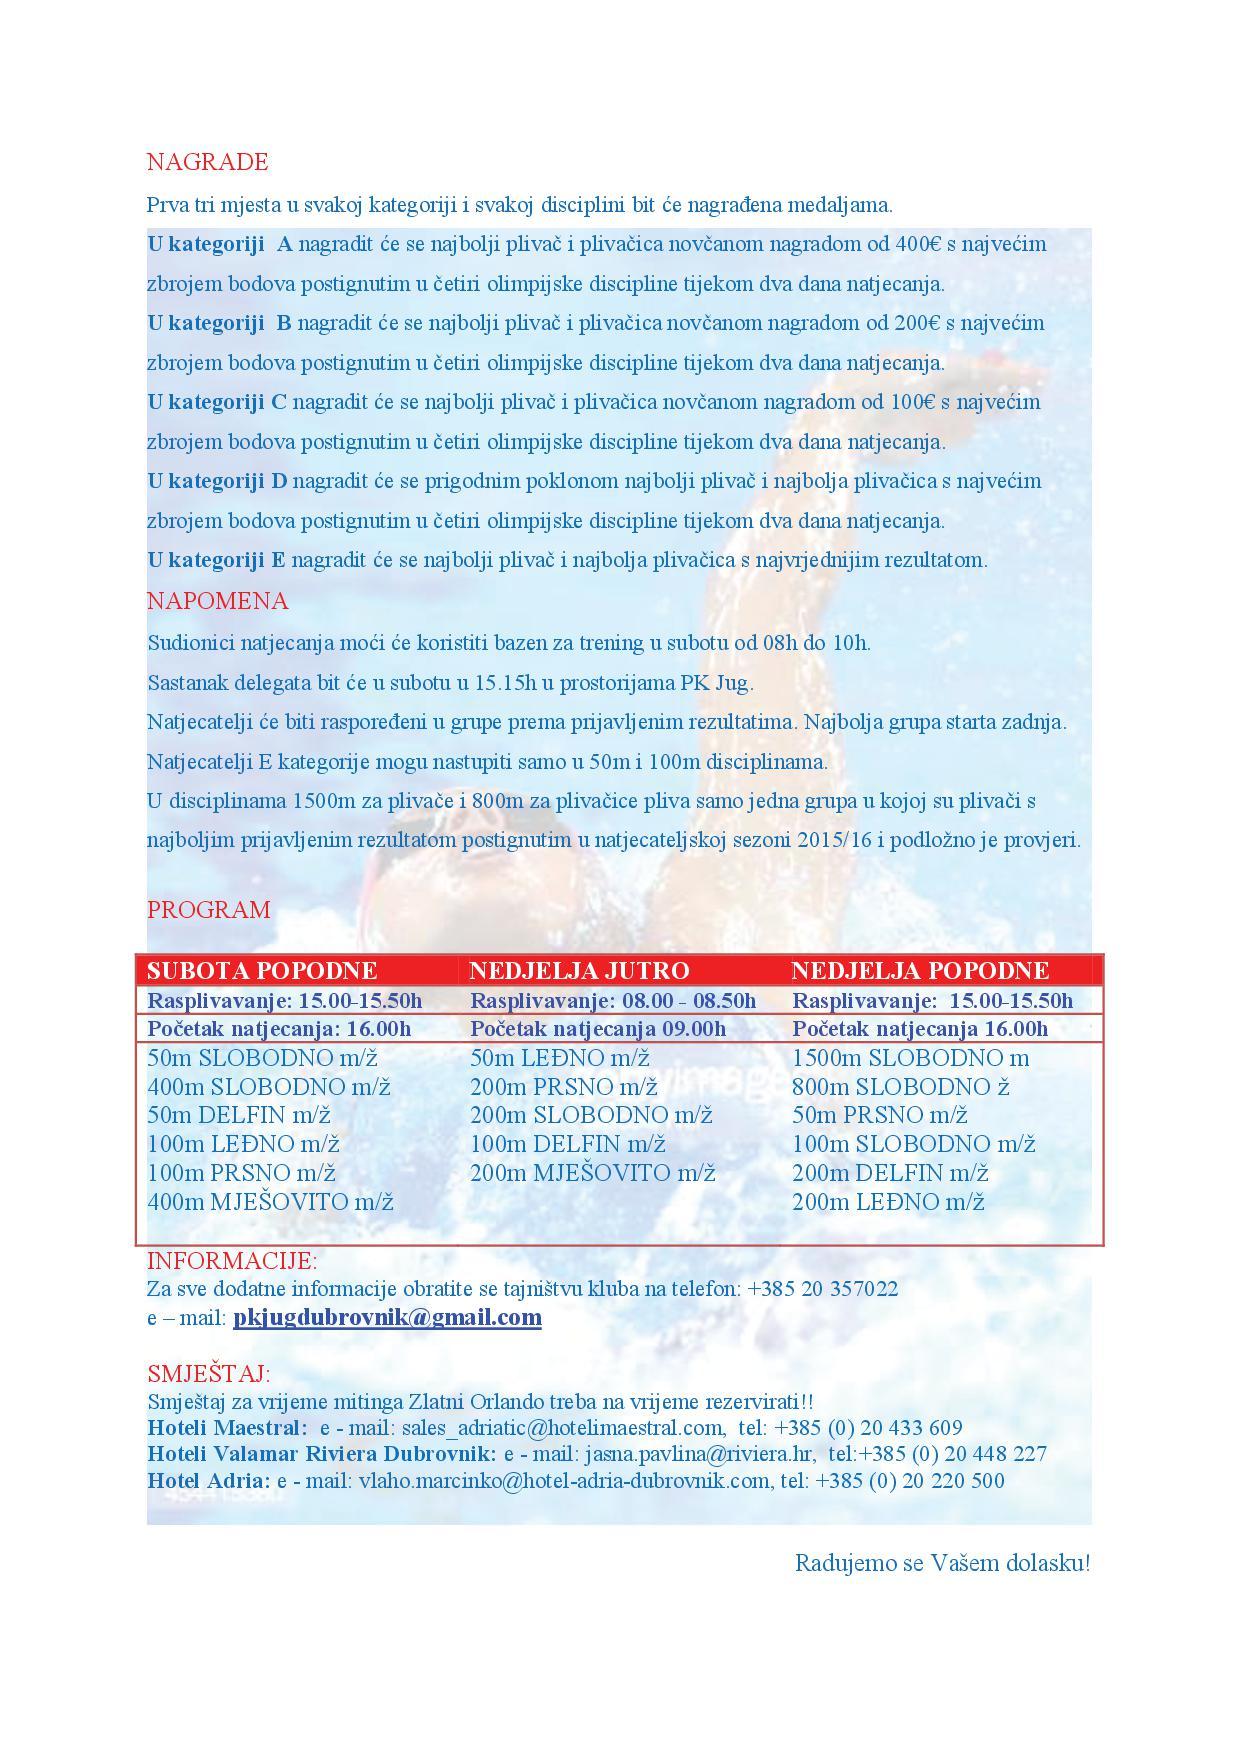 Пропозиције натјецања у PDF формату на језику организатора, страна 2